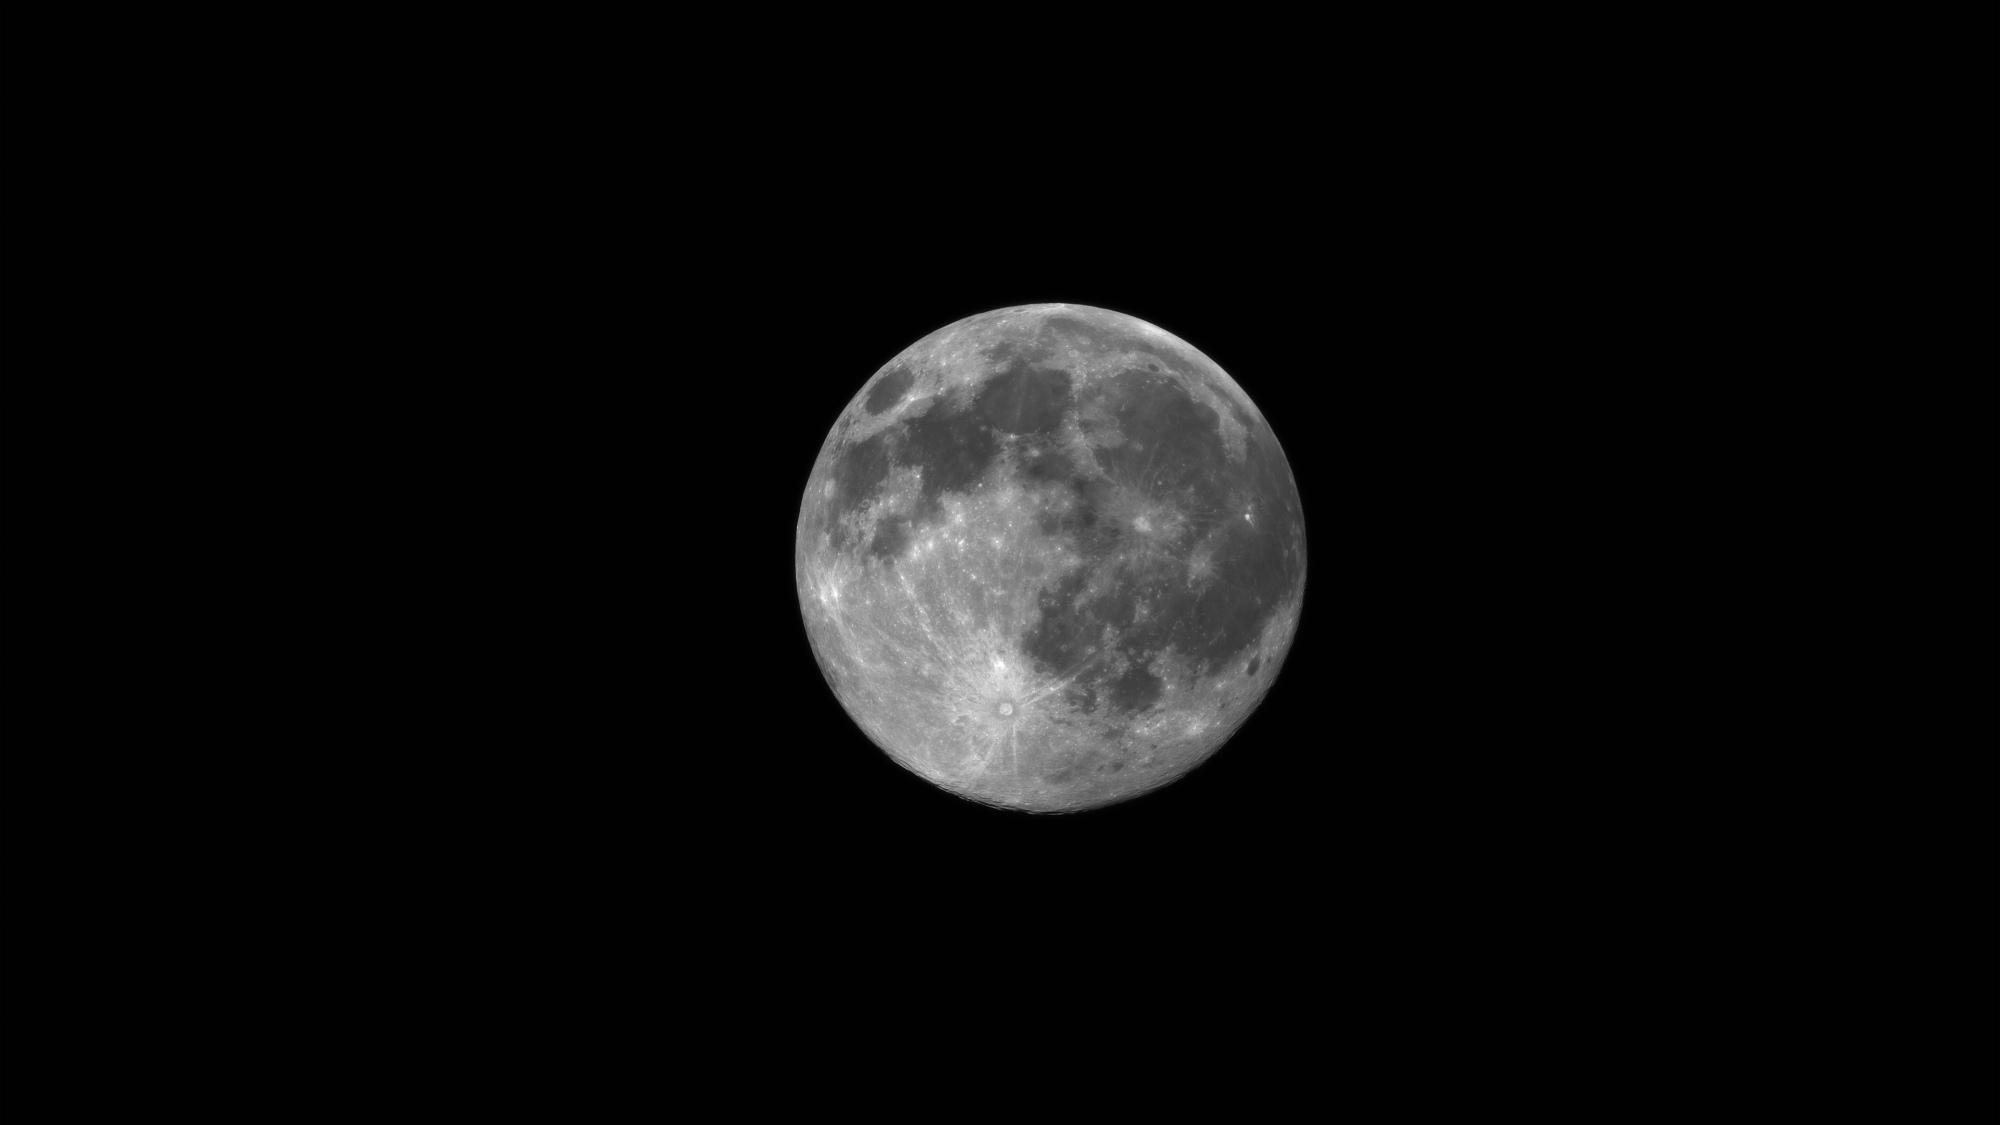 Luna2.thumb.jpg.715929864c47830f7df51899548db216.jpg